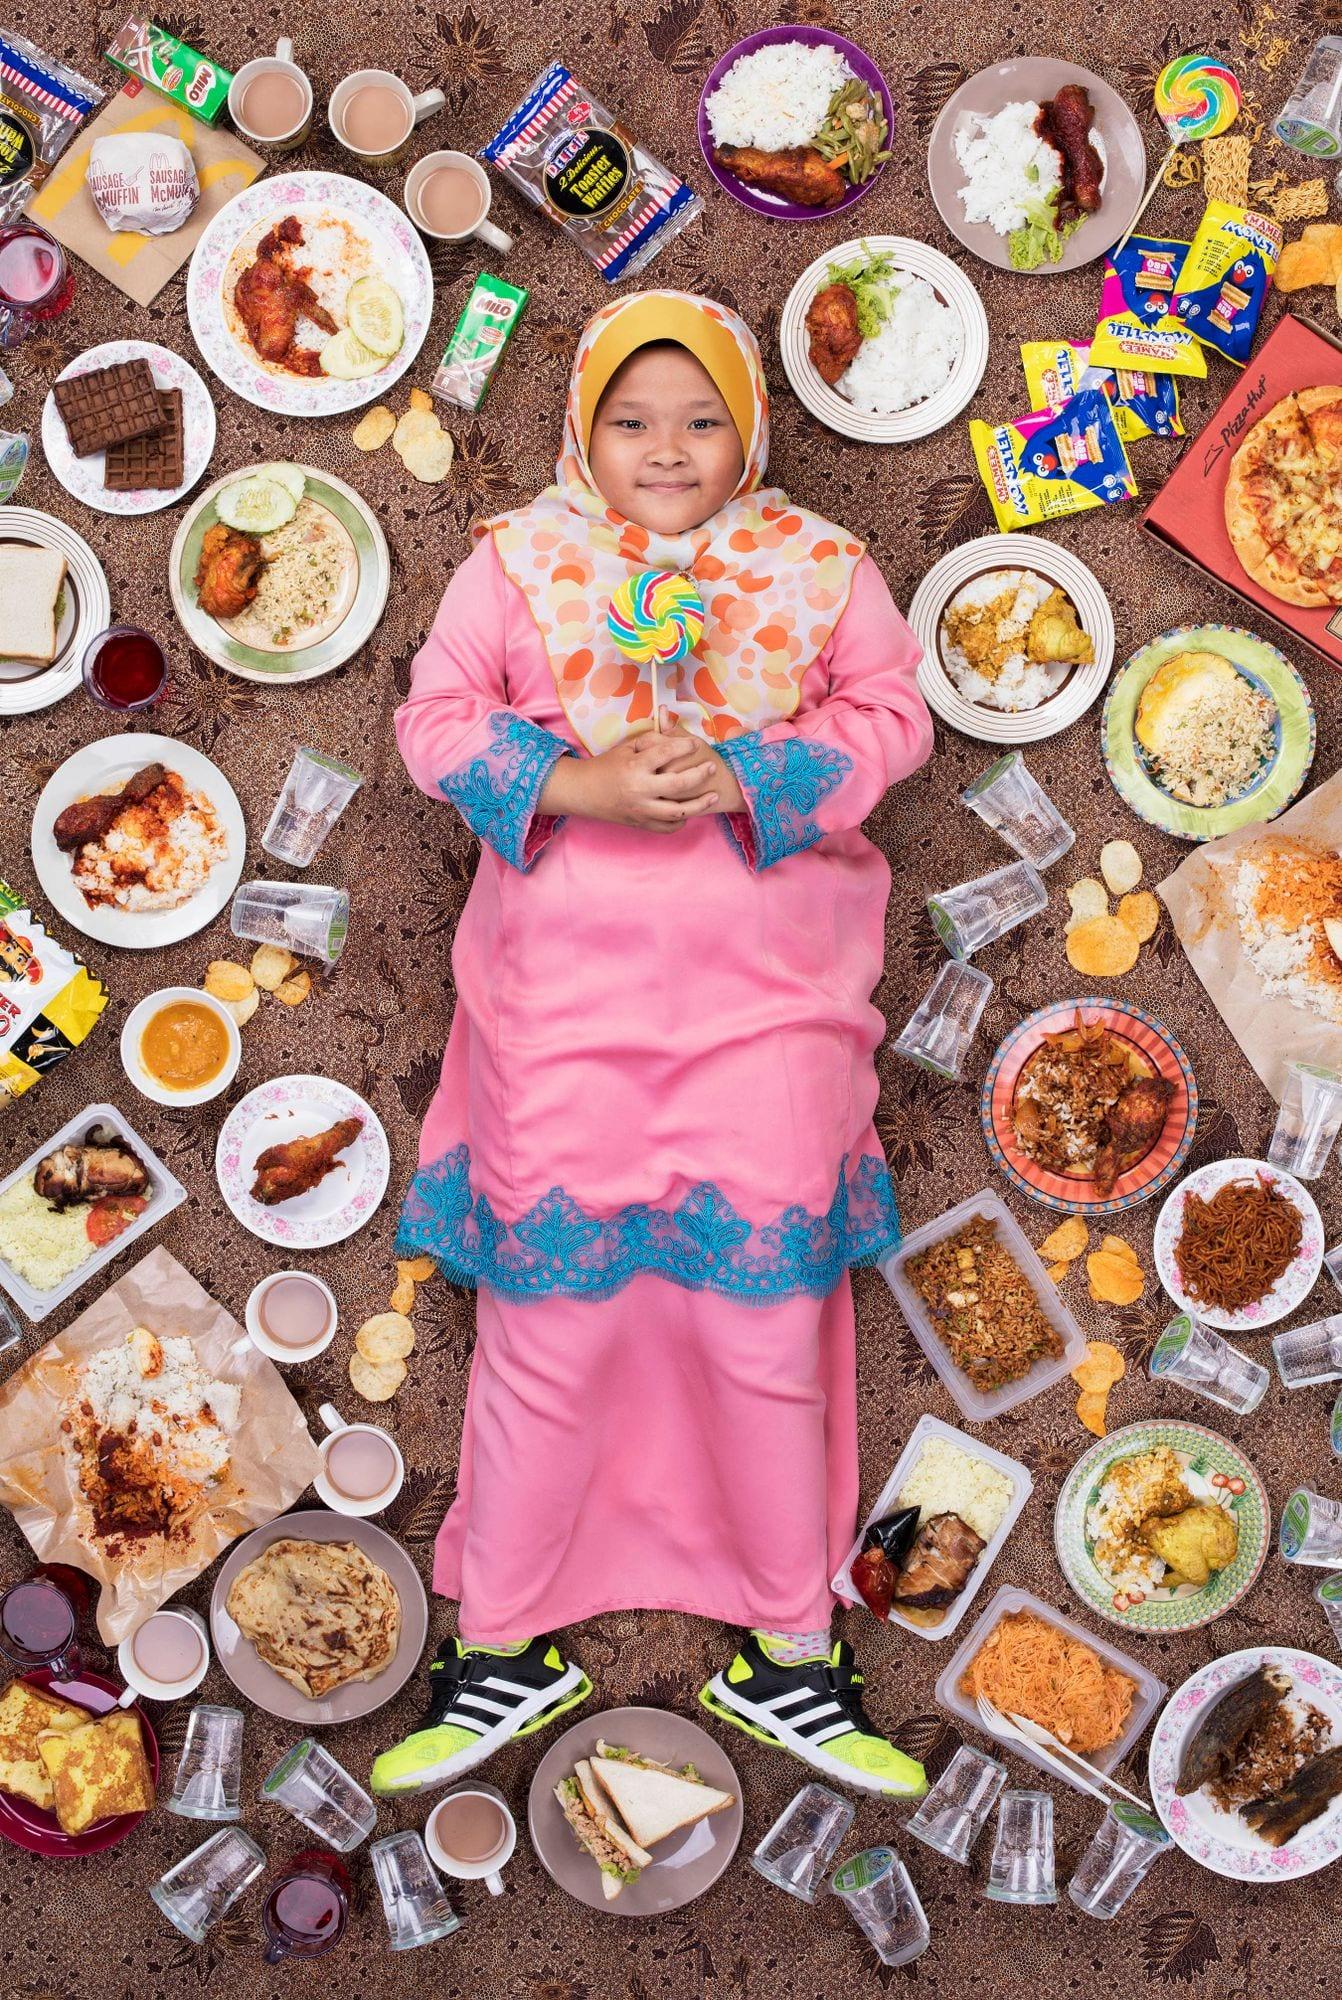 Siti Qhalisha, Kuala Lumpur, 2017 © Gregg Segal